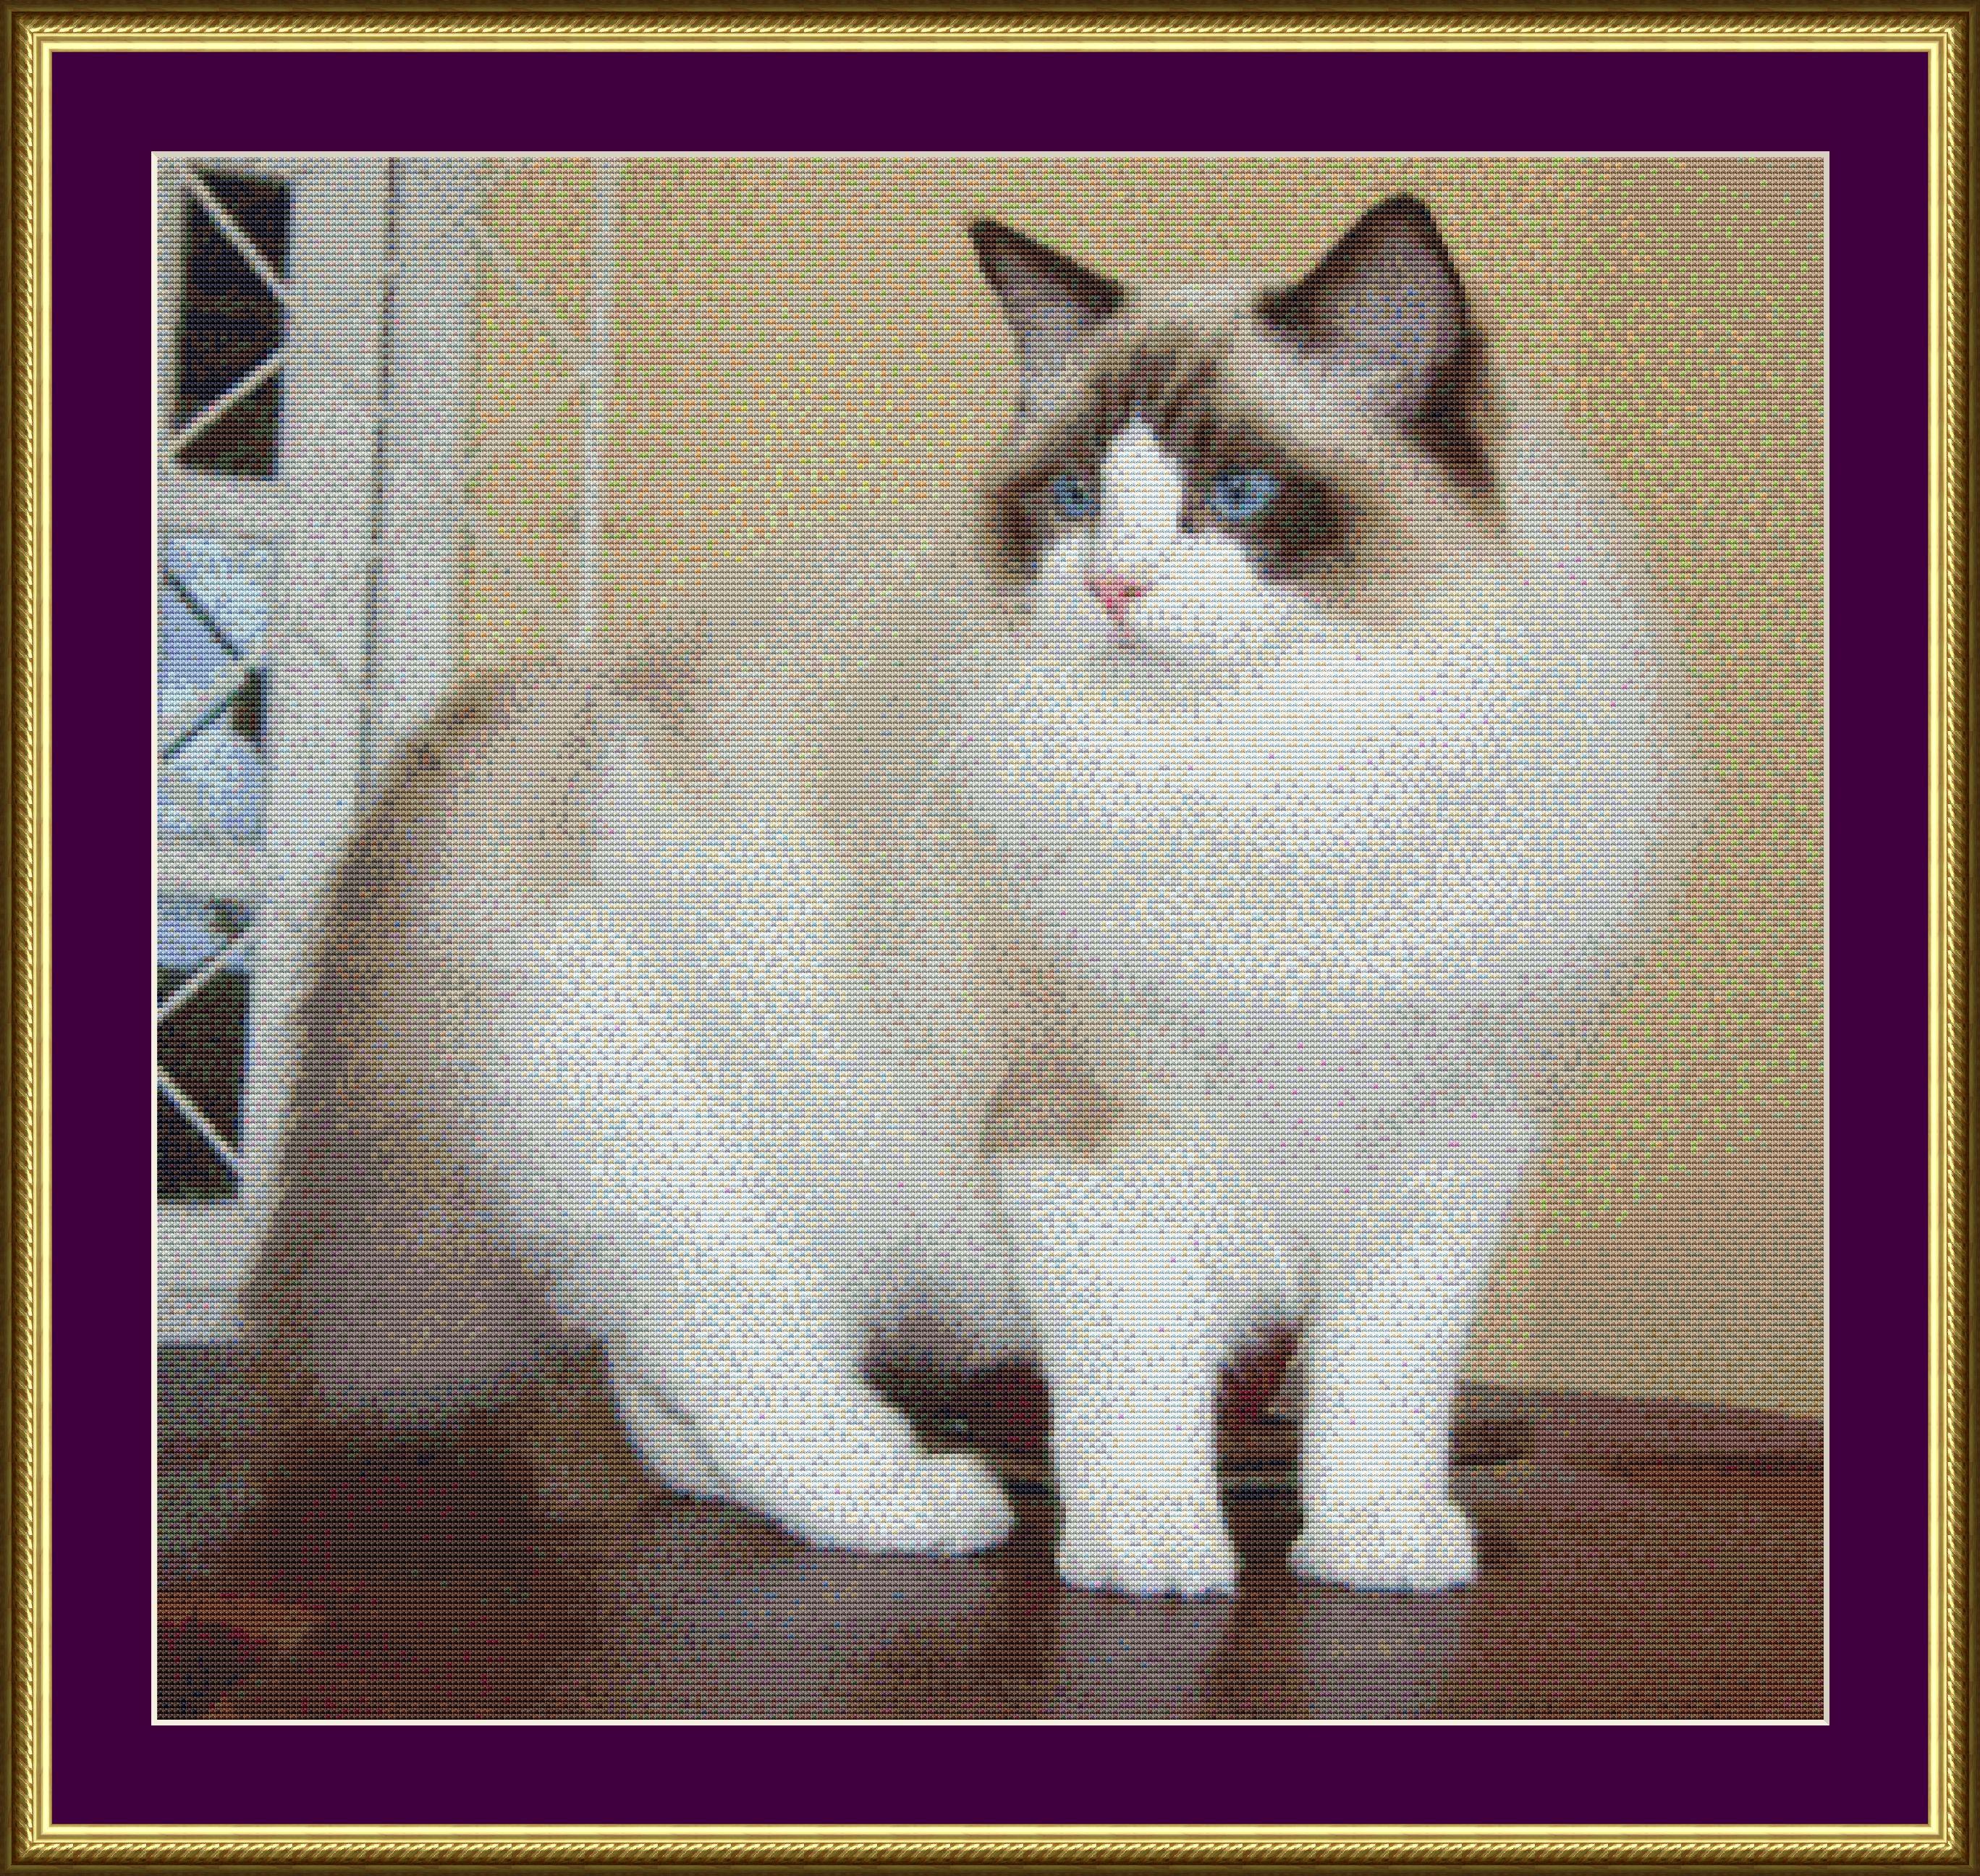 Фотографии Рэгдолл порода кошек, Фото 2.